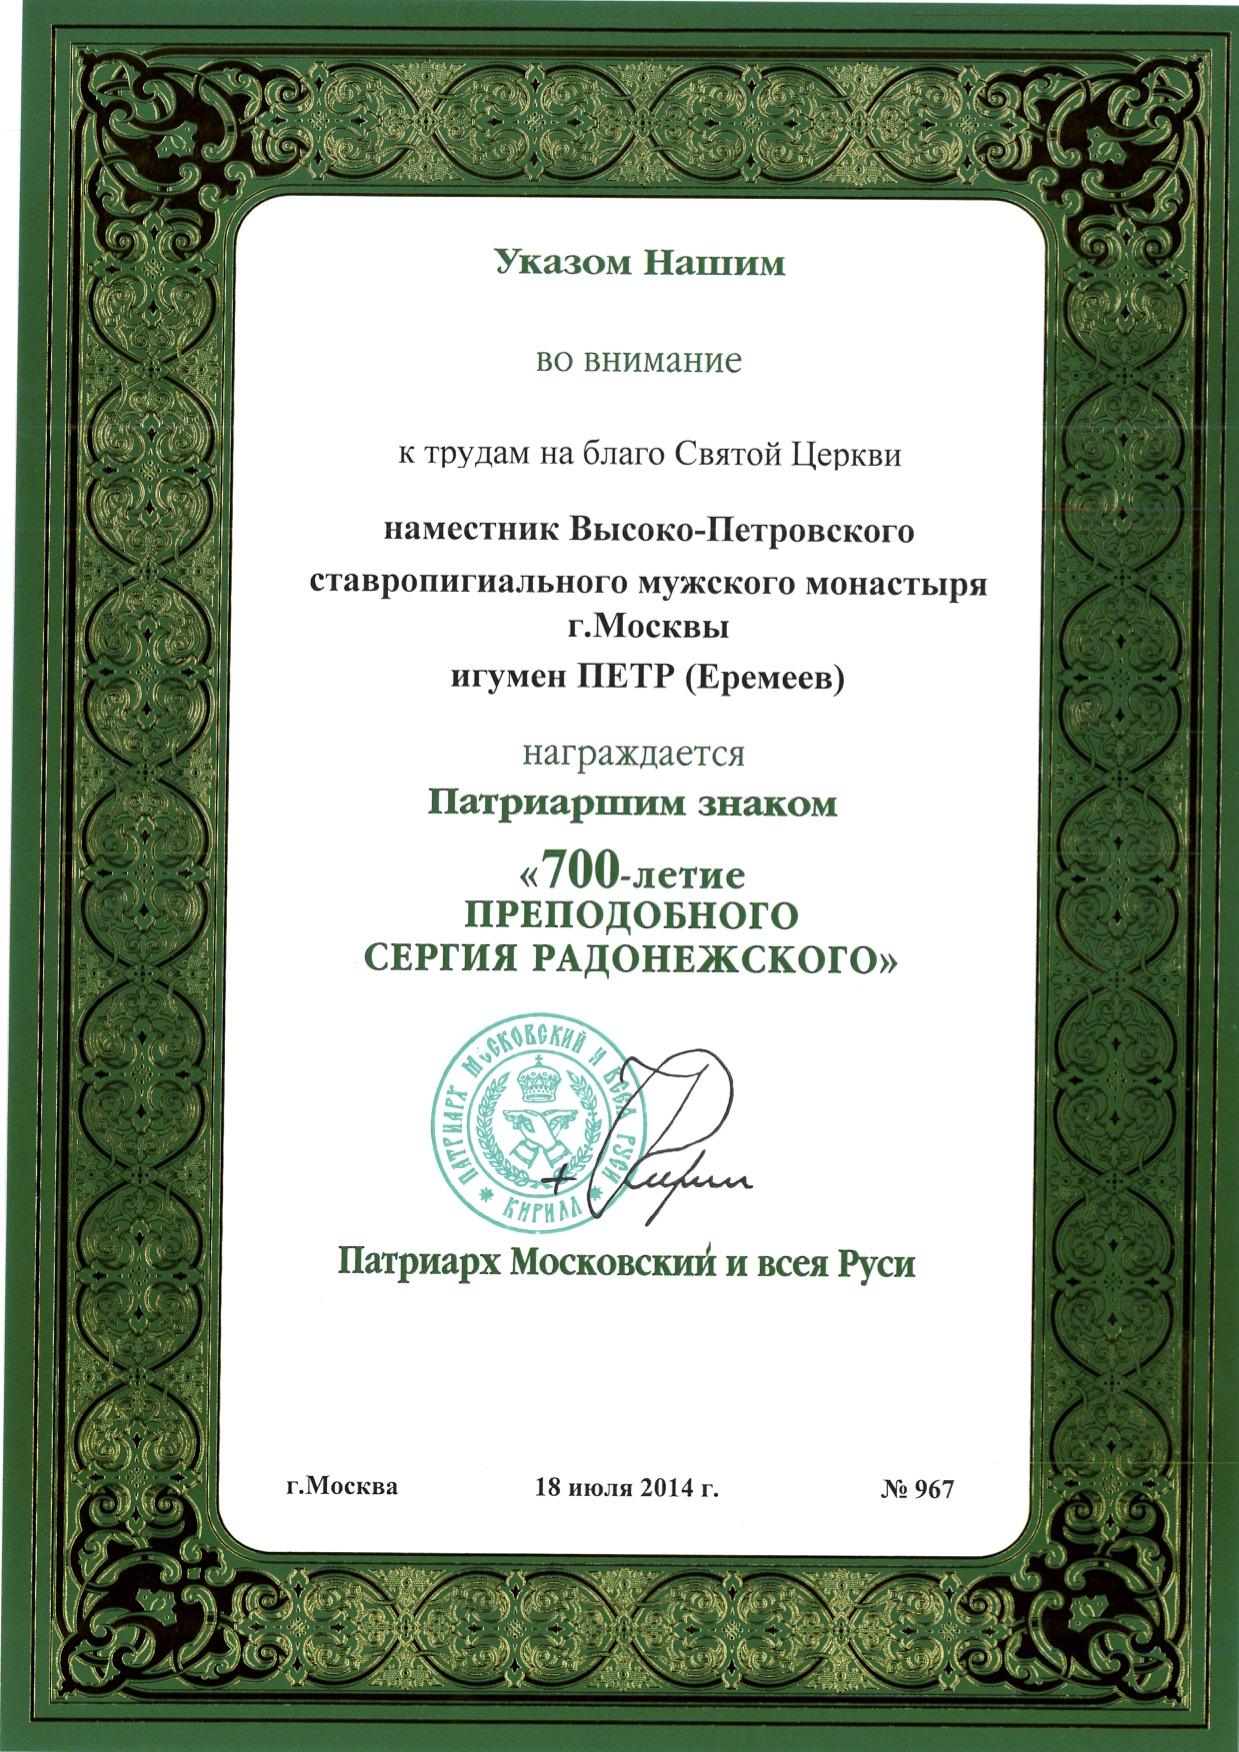 патриаршим знаком 700 летие преподобного сергия радонежского